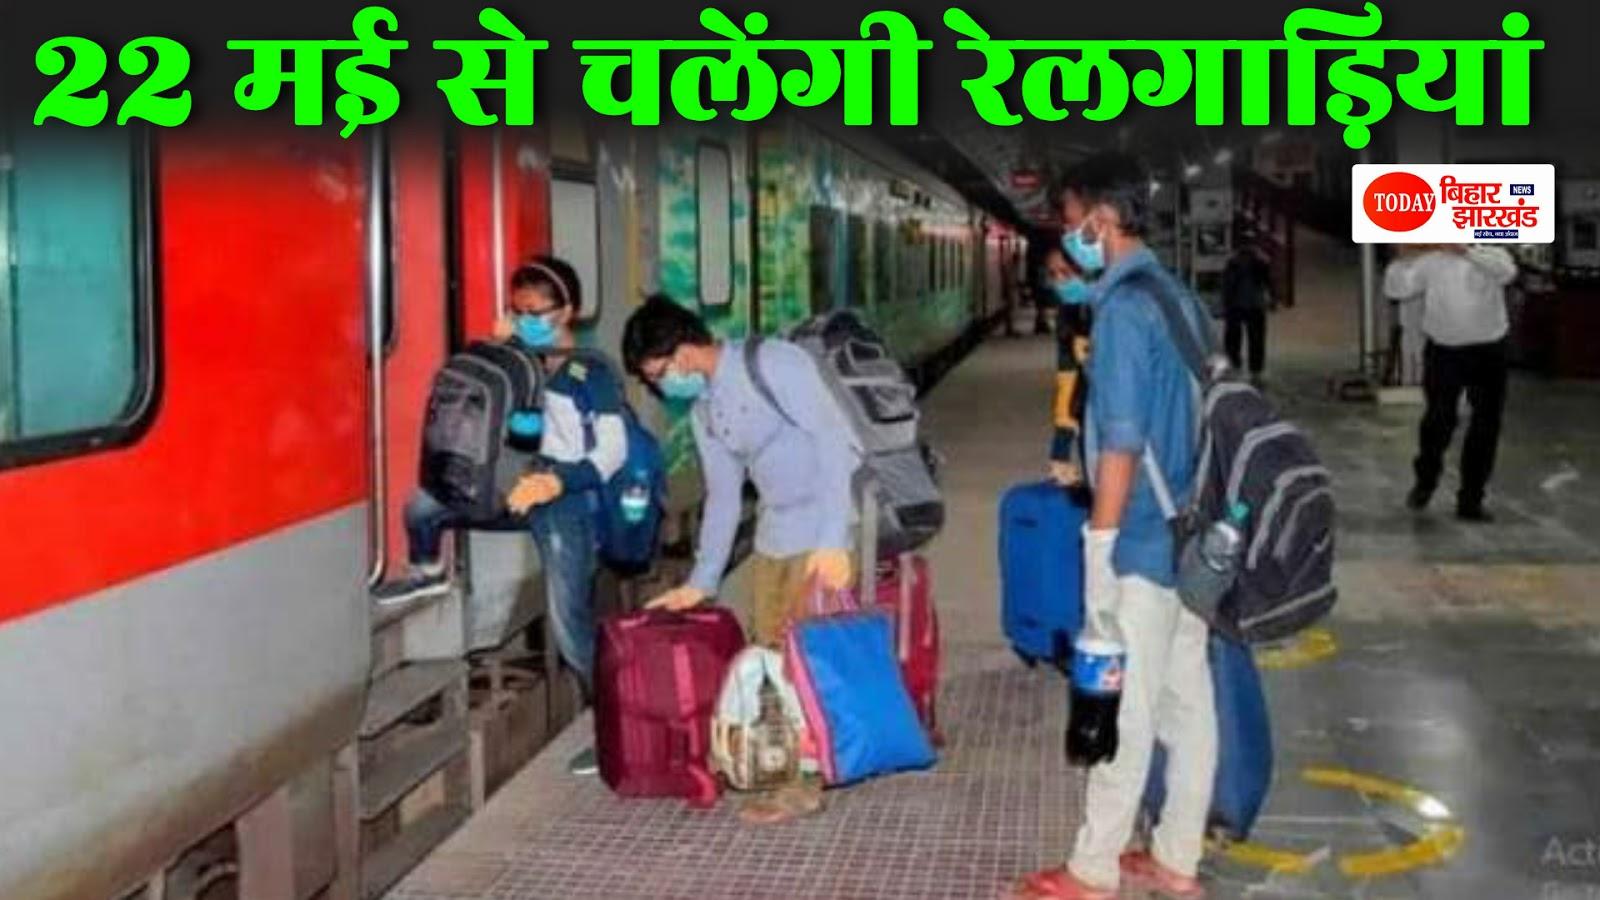 रेलवे का बड़ा ऐलान, स्पेशल ट्रेनों के बाद अब मेल, एक्सप्रेस ट्रेनों का भी संचालन; वेटिंग टिकटों की होगी बुकिंग